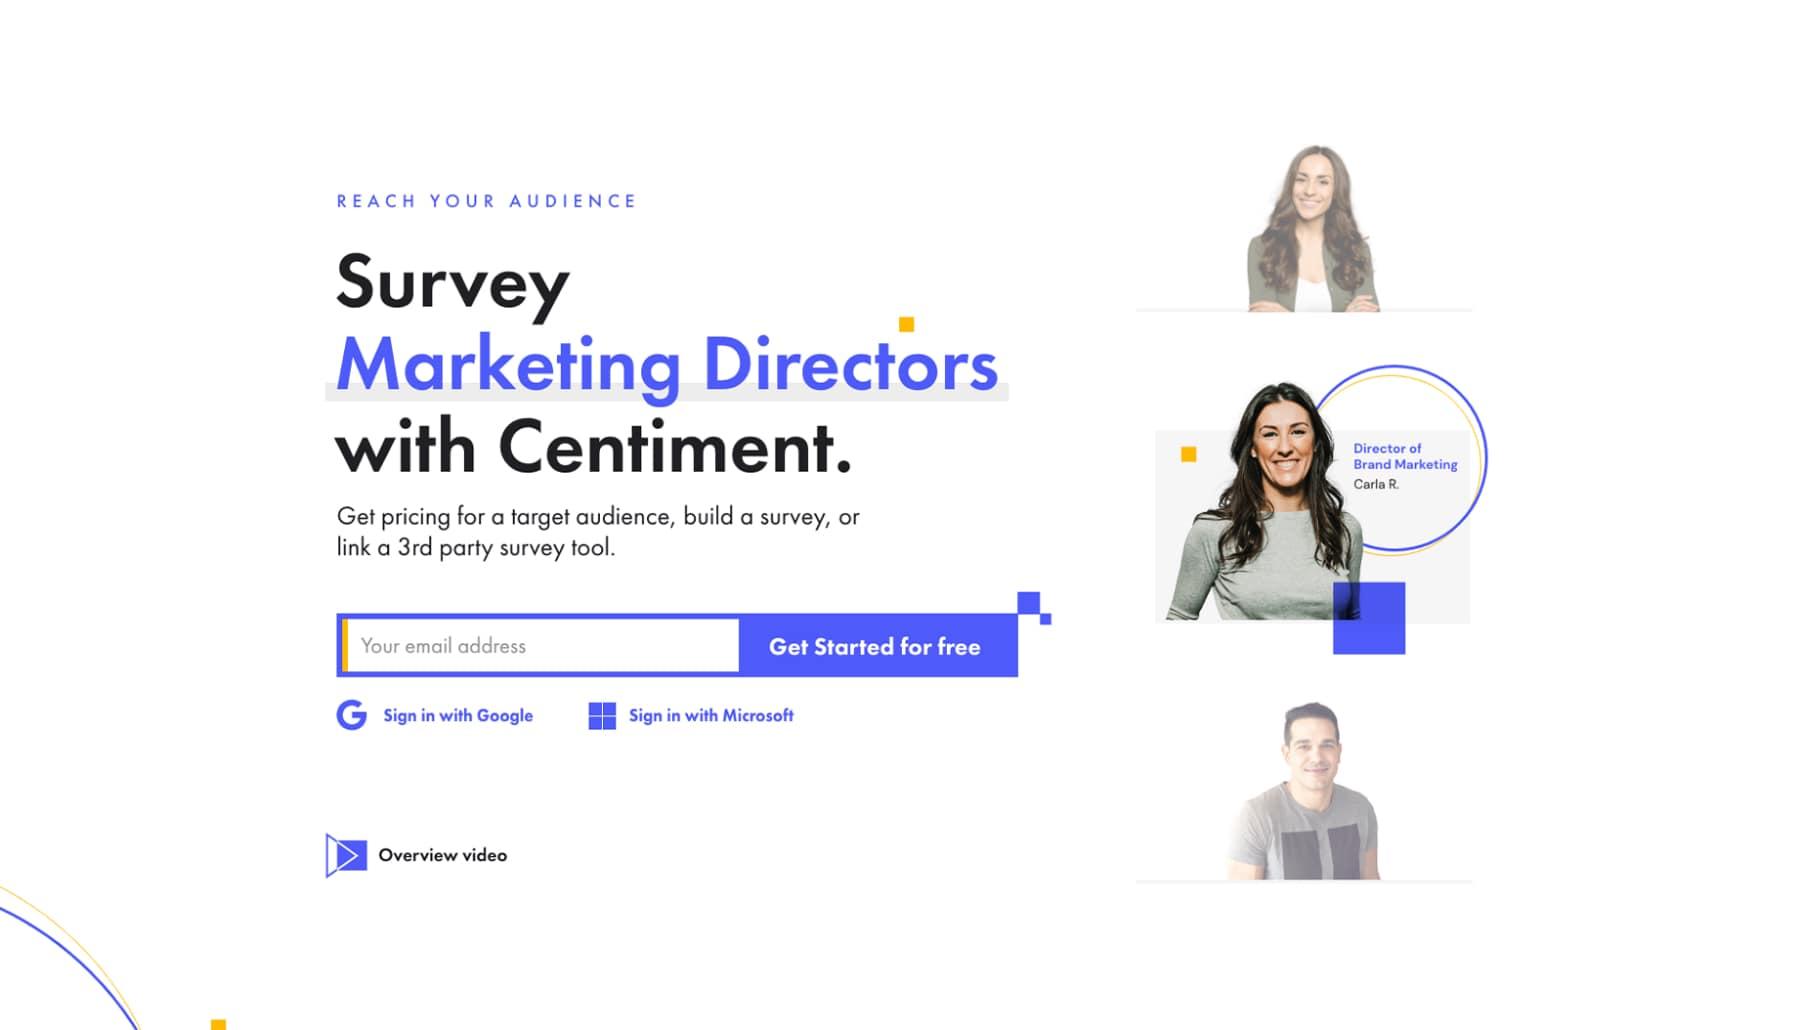 Interfaz de cabecera de página de la sección principal de la página de marketing de centiment.co.